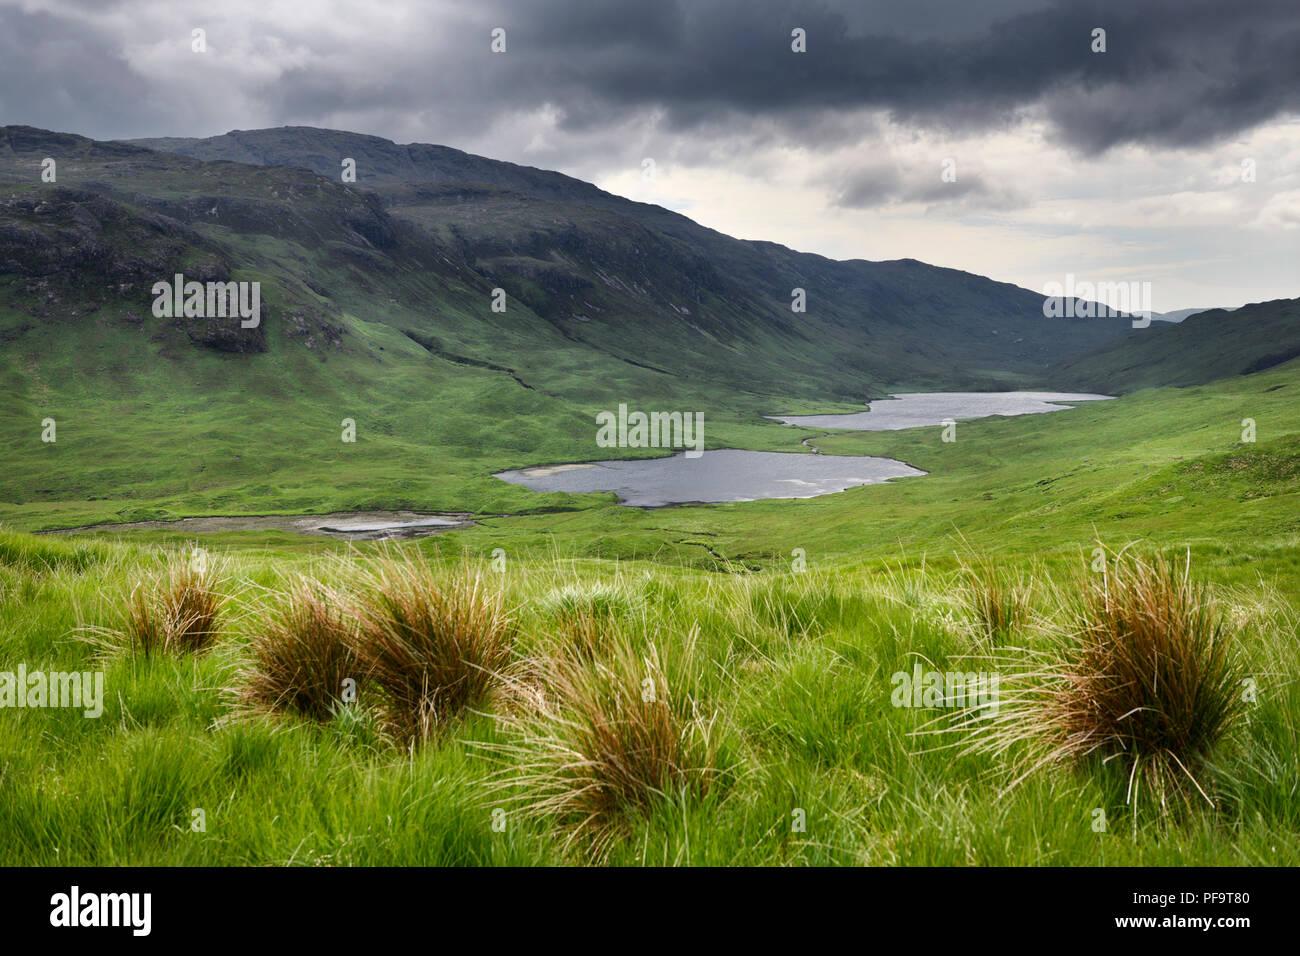 Loch an Eilein Lochan Ellen and Loch Airdeglais with Ben Creach peak in Glen More Isle of Mull Scotland UK - Stock Image